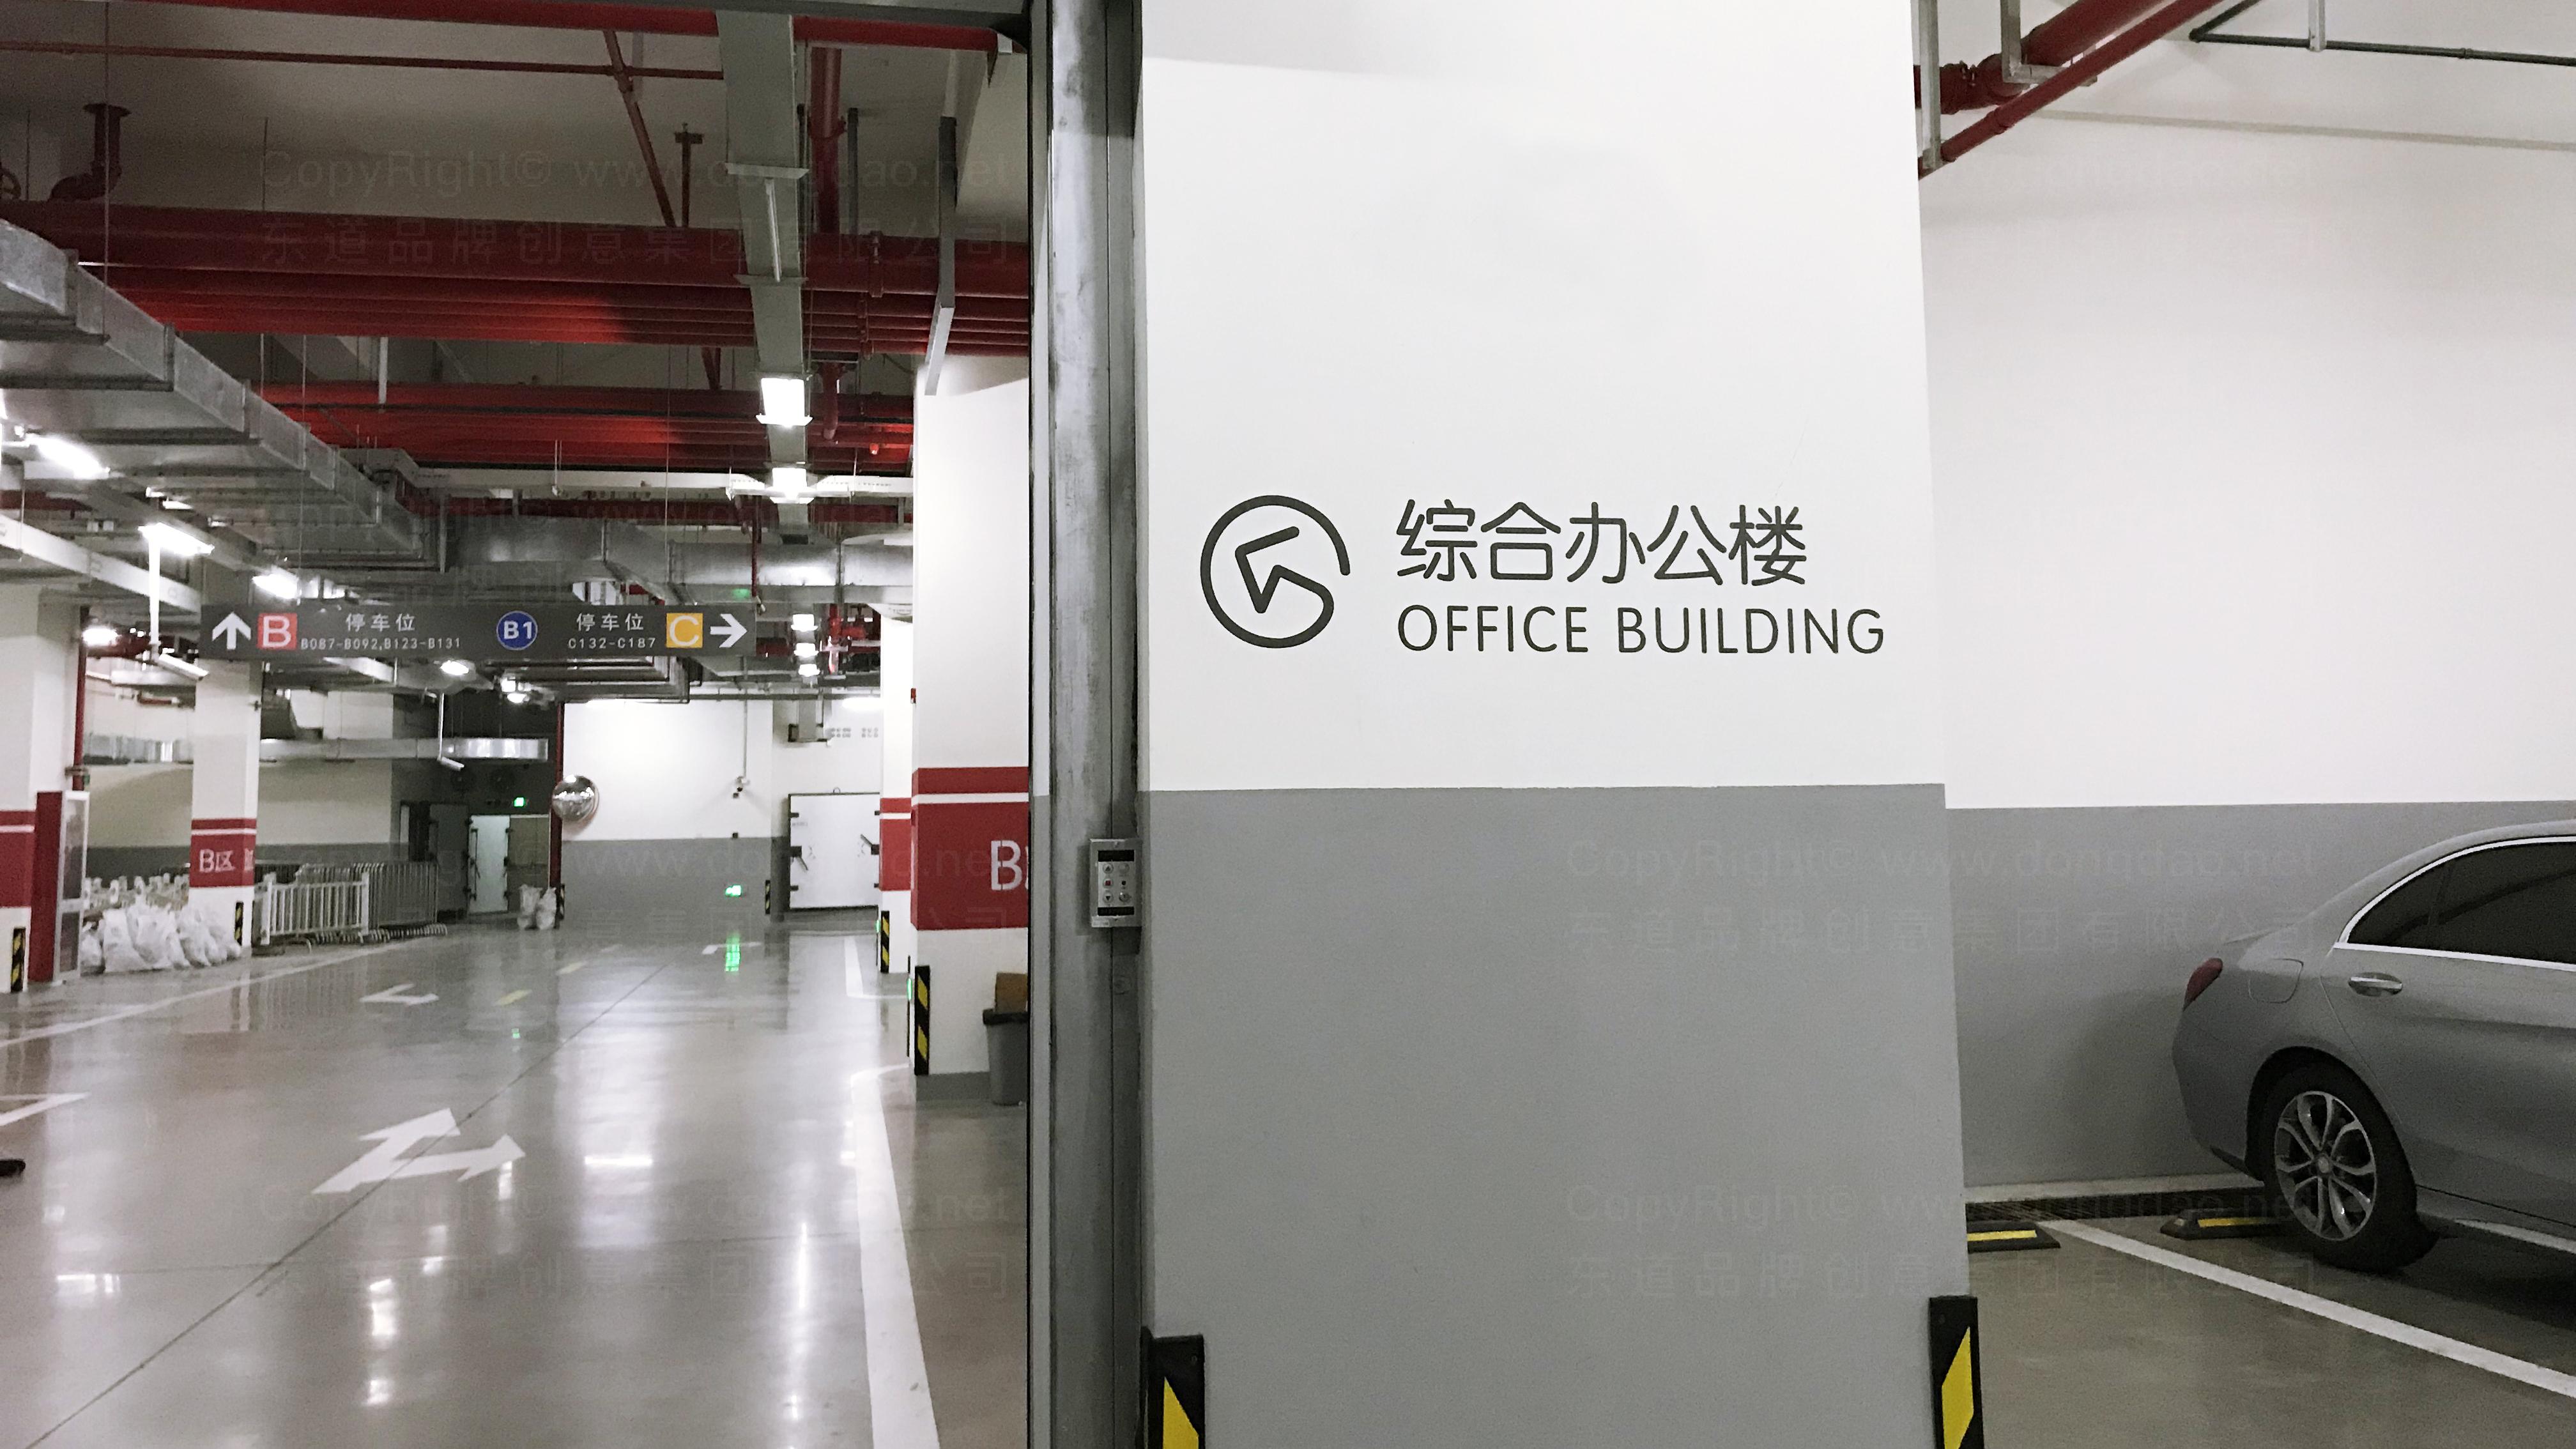 落地工程上海世博会标识工程应用场景_5